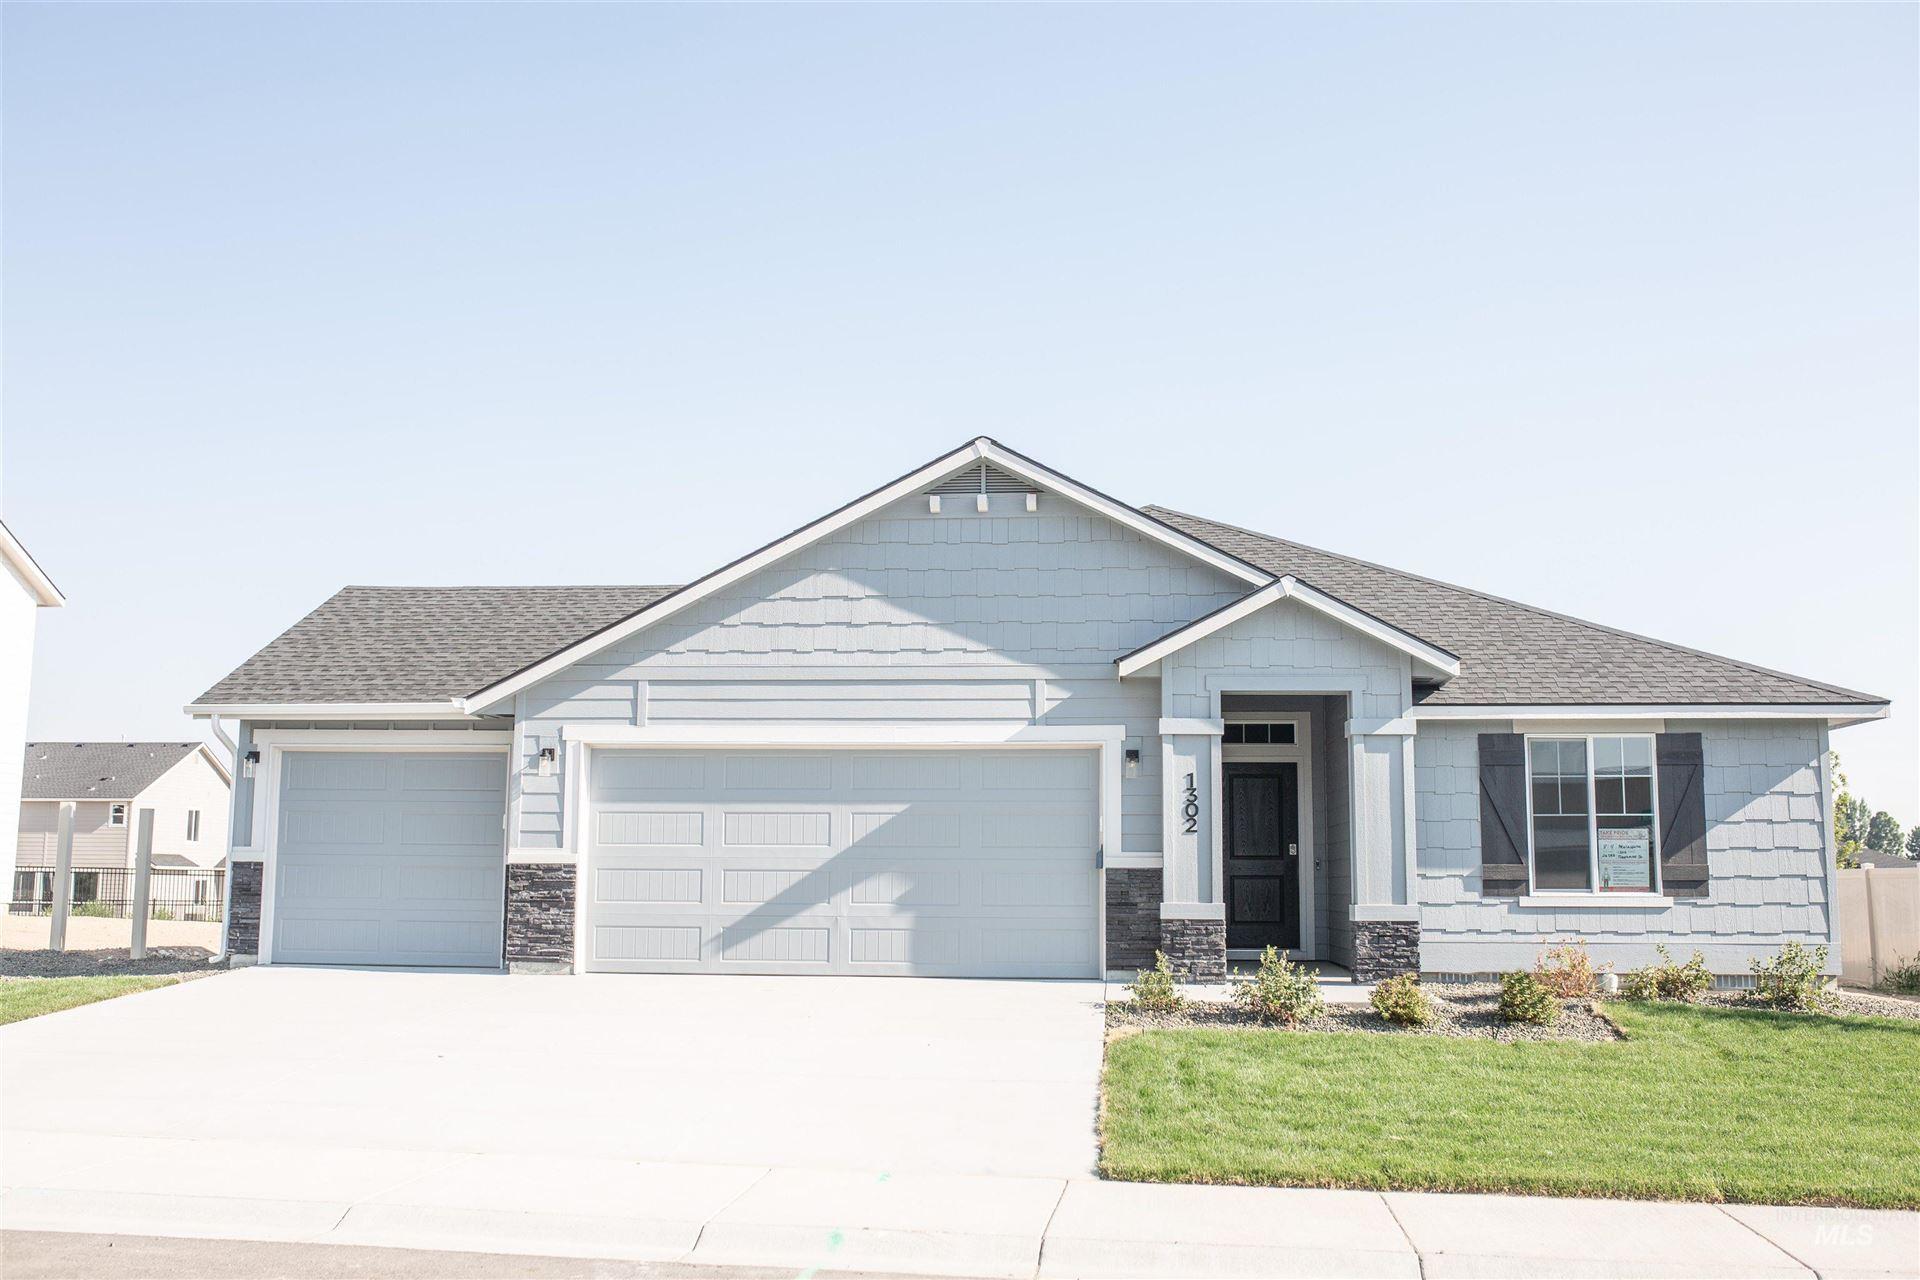 1302 W Treehouse St, Kuna, ID 83634 - MLS#: 98807108